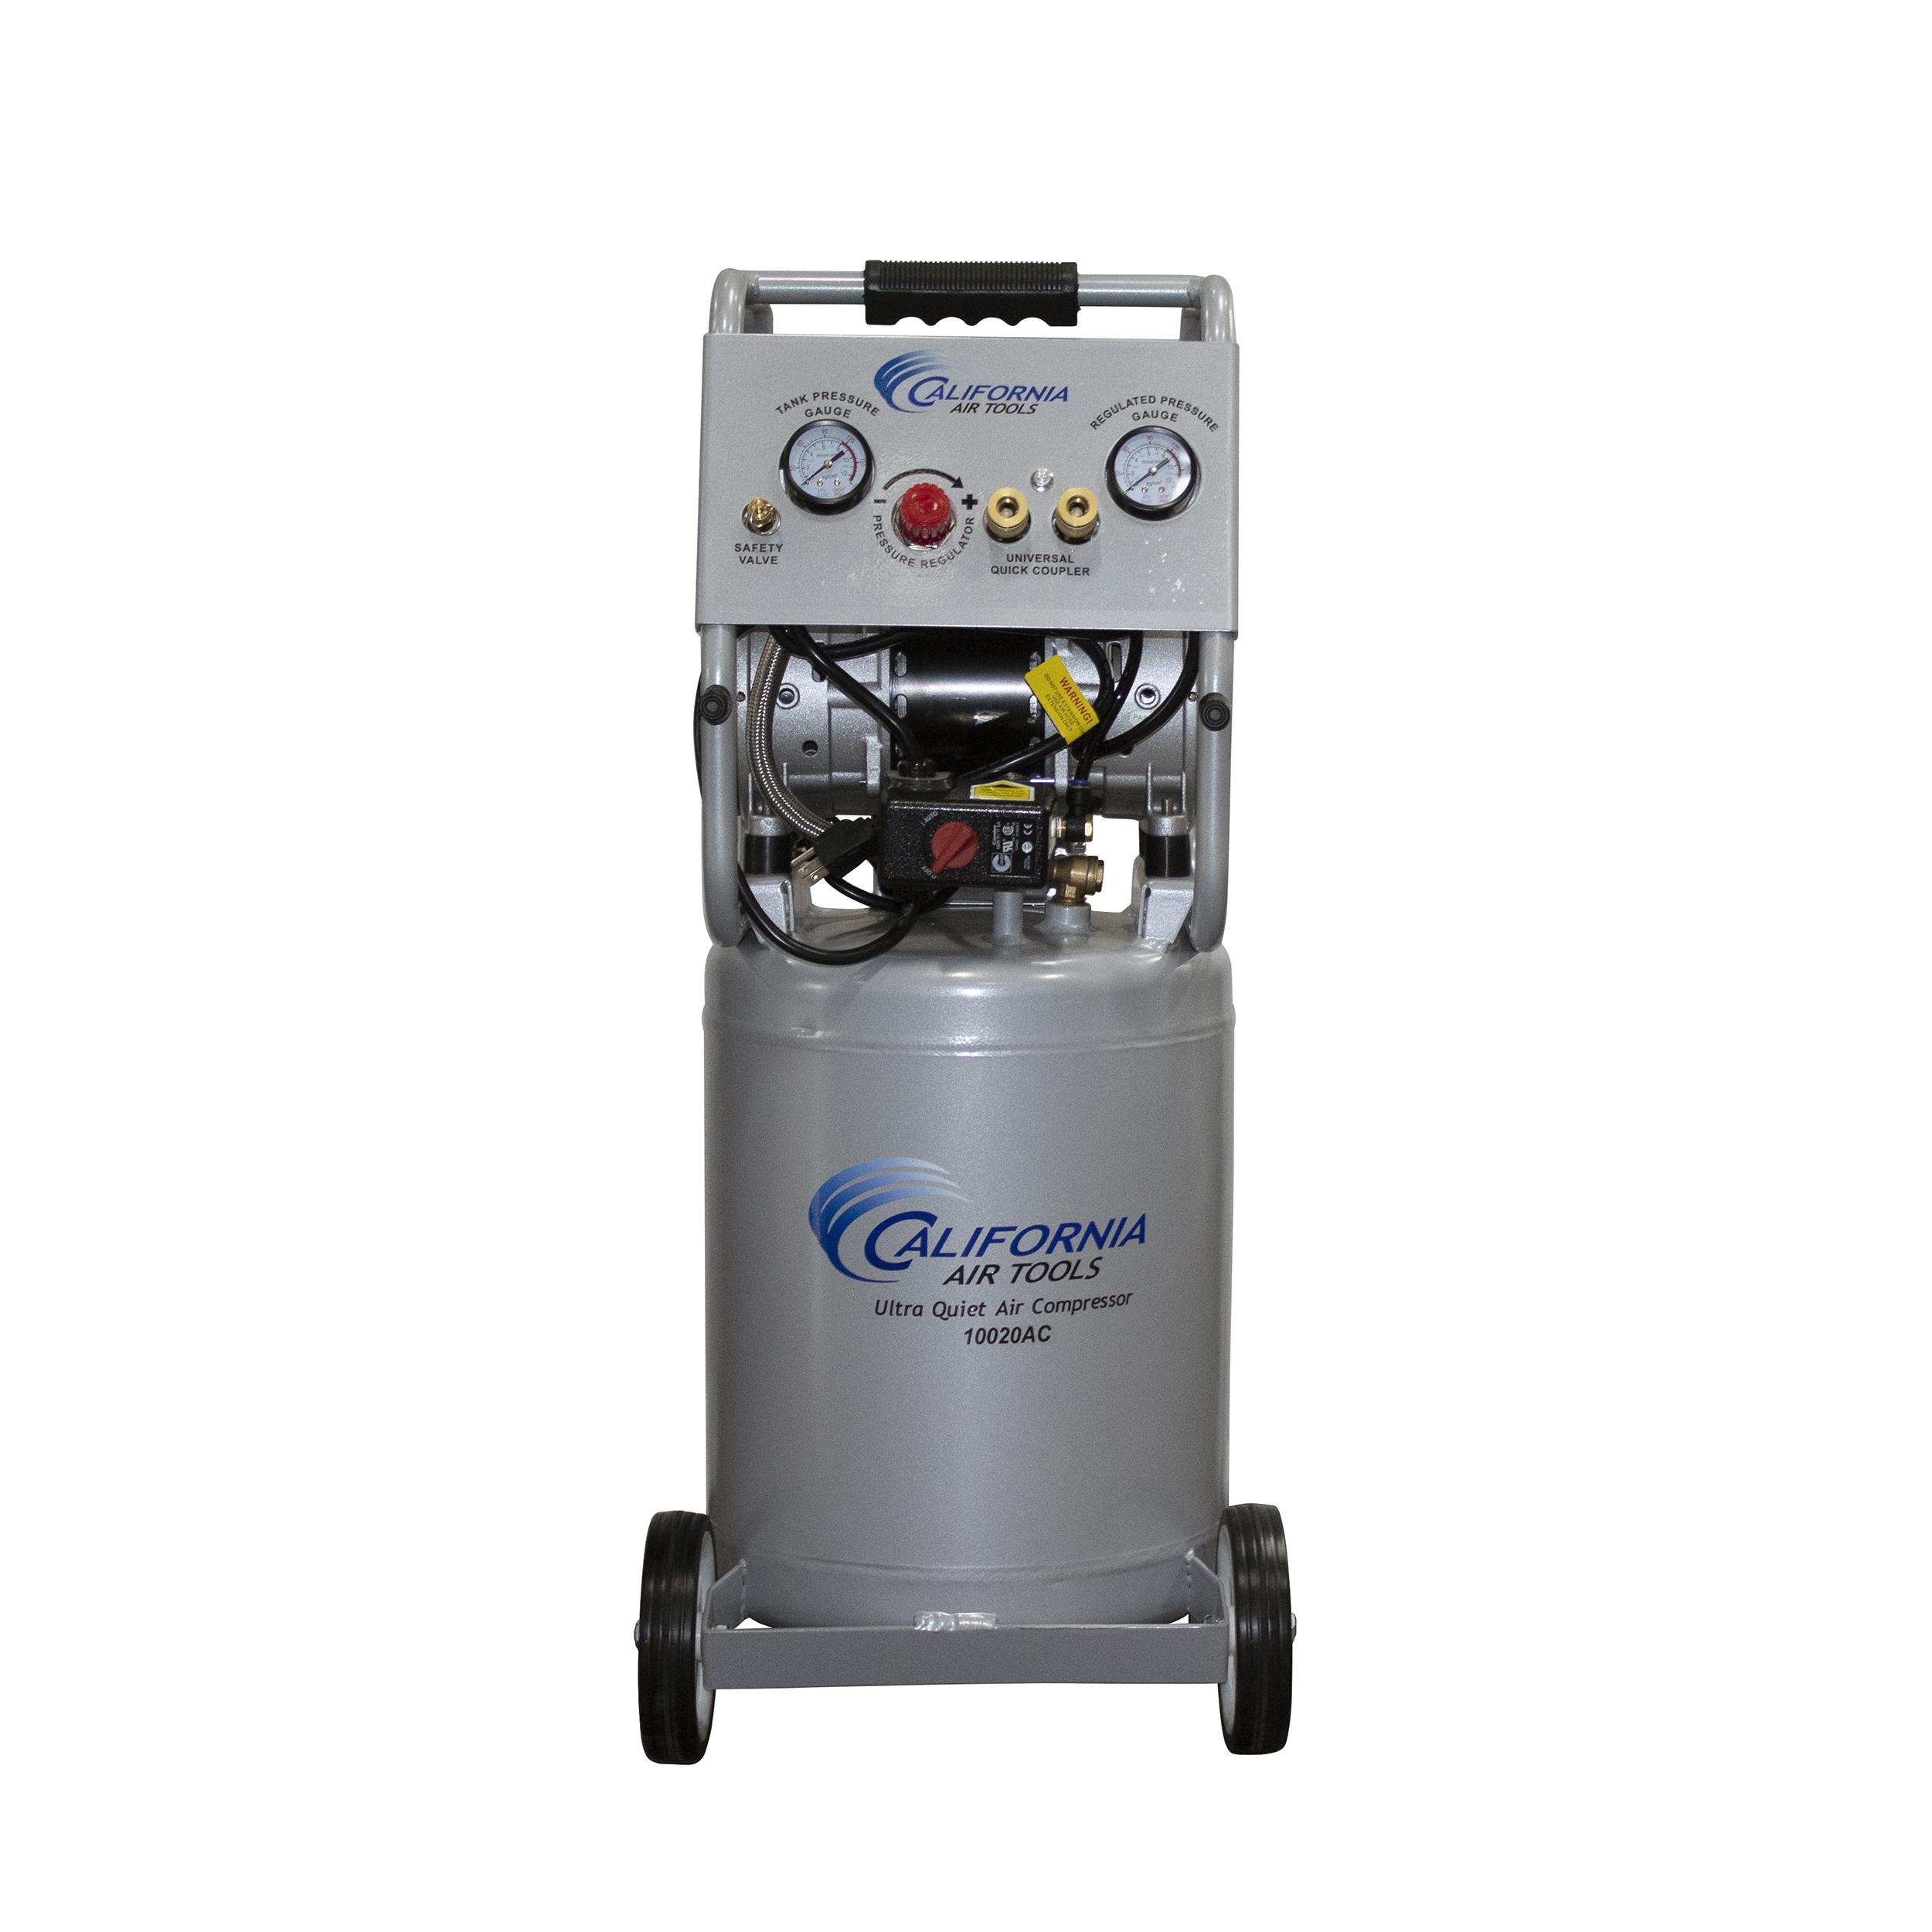 Ultra Quiet and Oil-Free 2 HP, 10 Gallon Aluminum Tank Air Compressor